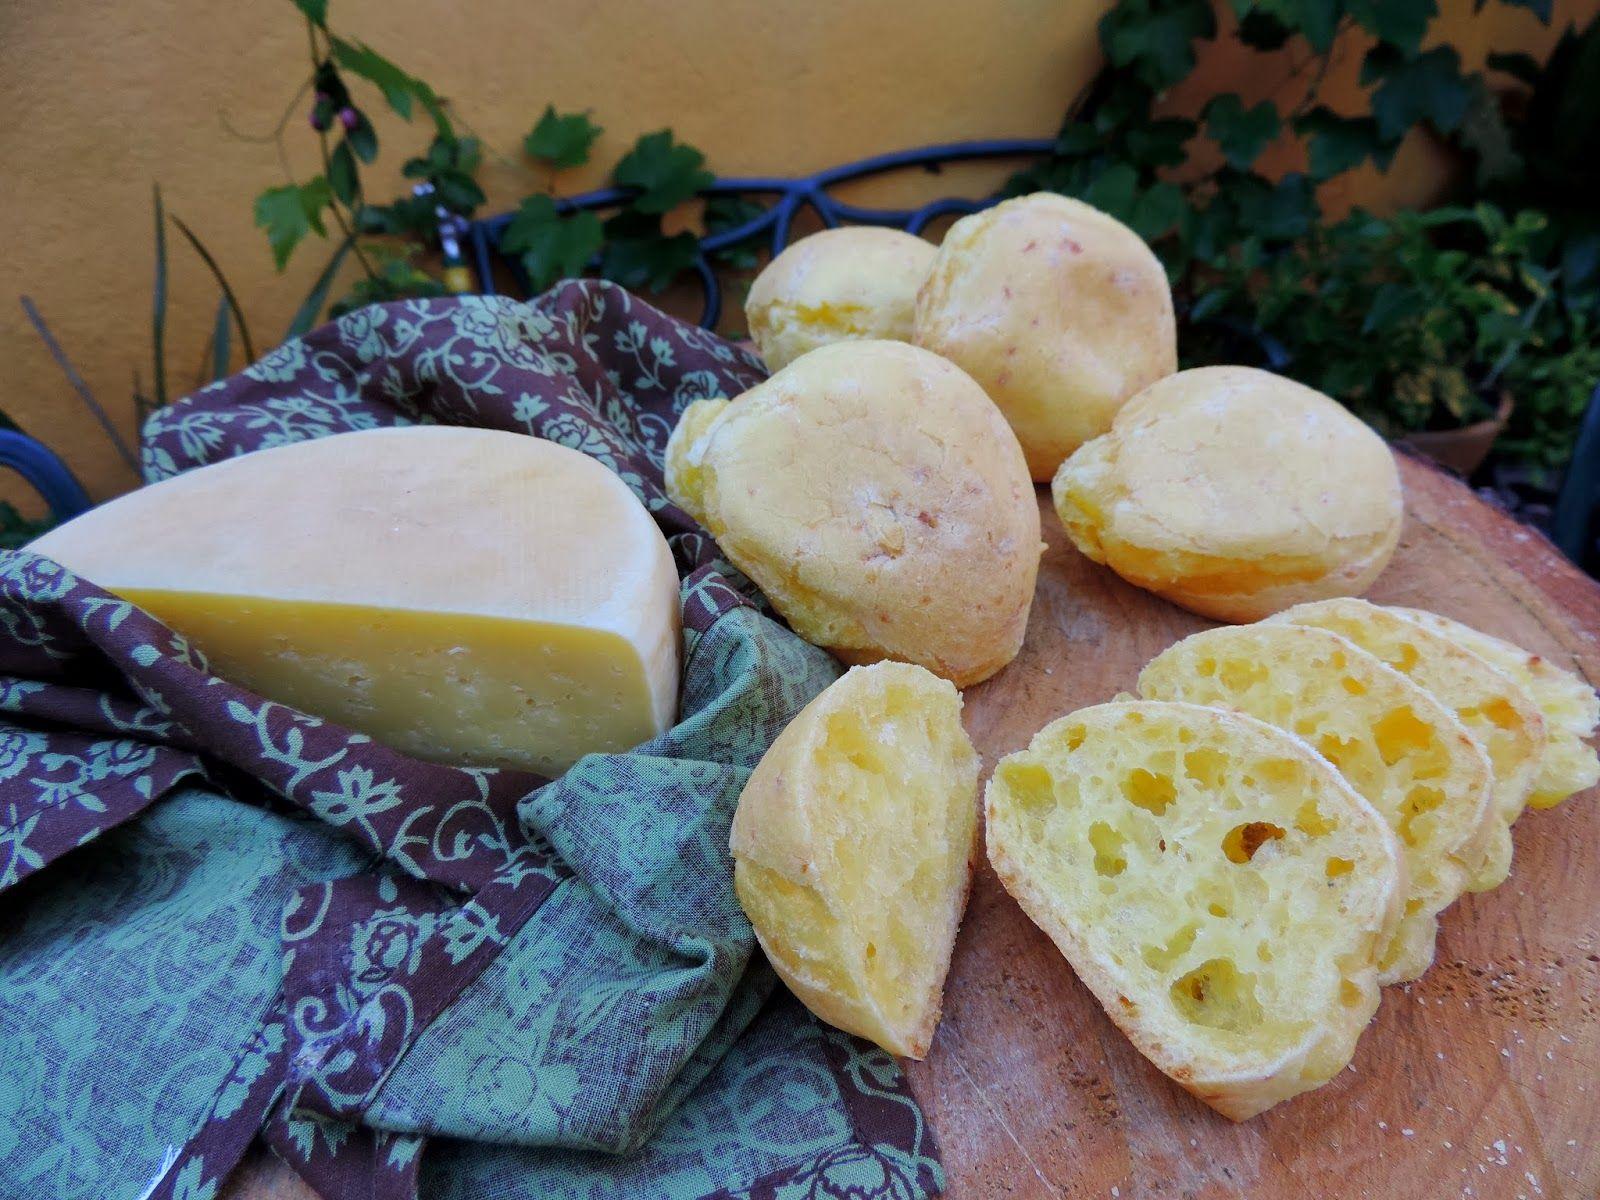 come-se: Canastra. O Pão de queijo da casa da Romilda